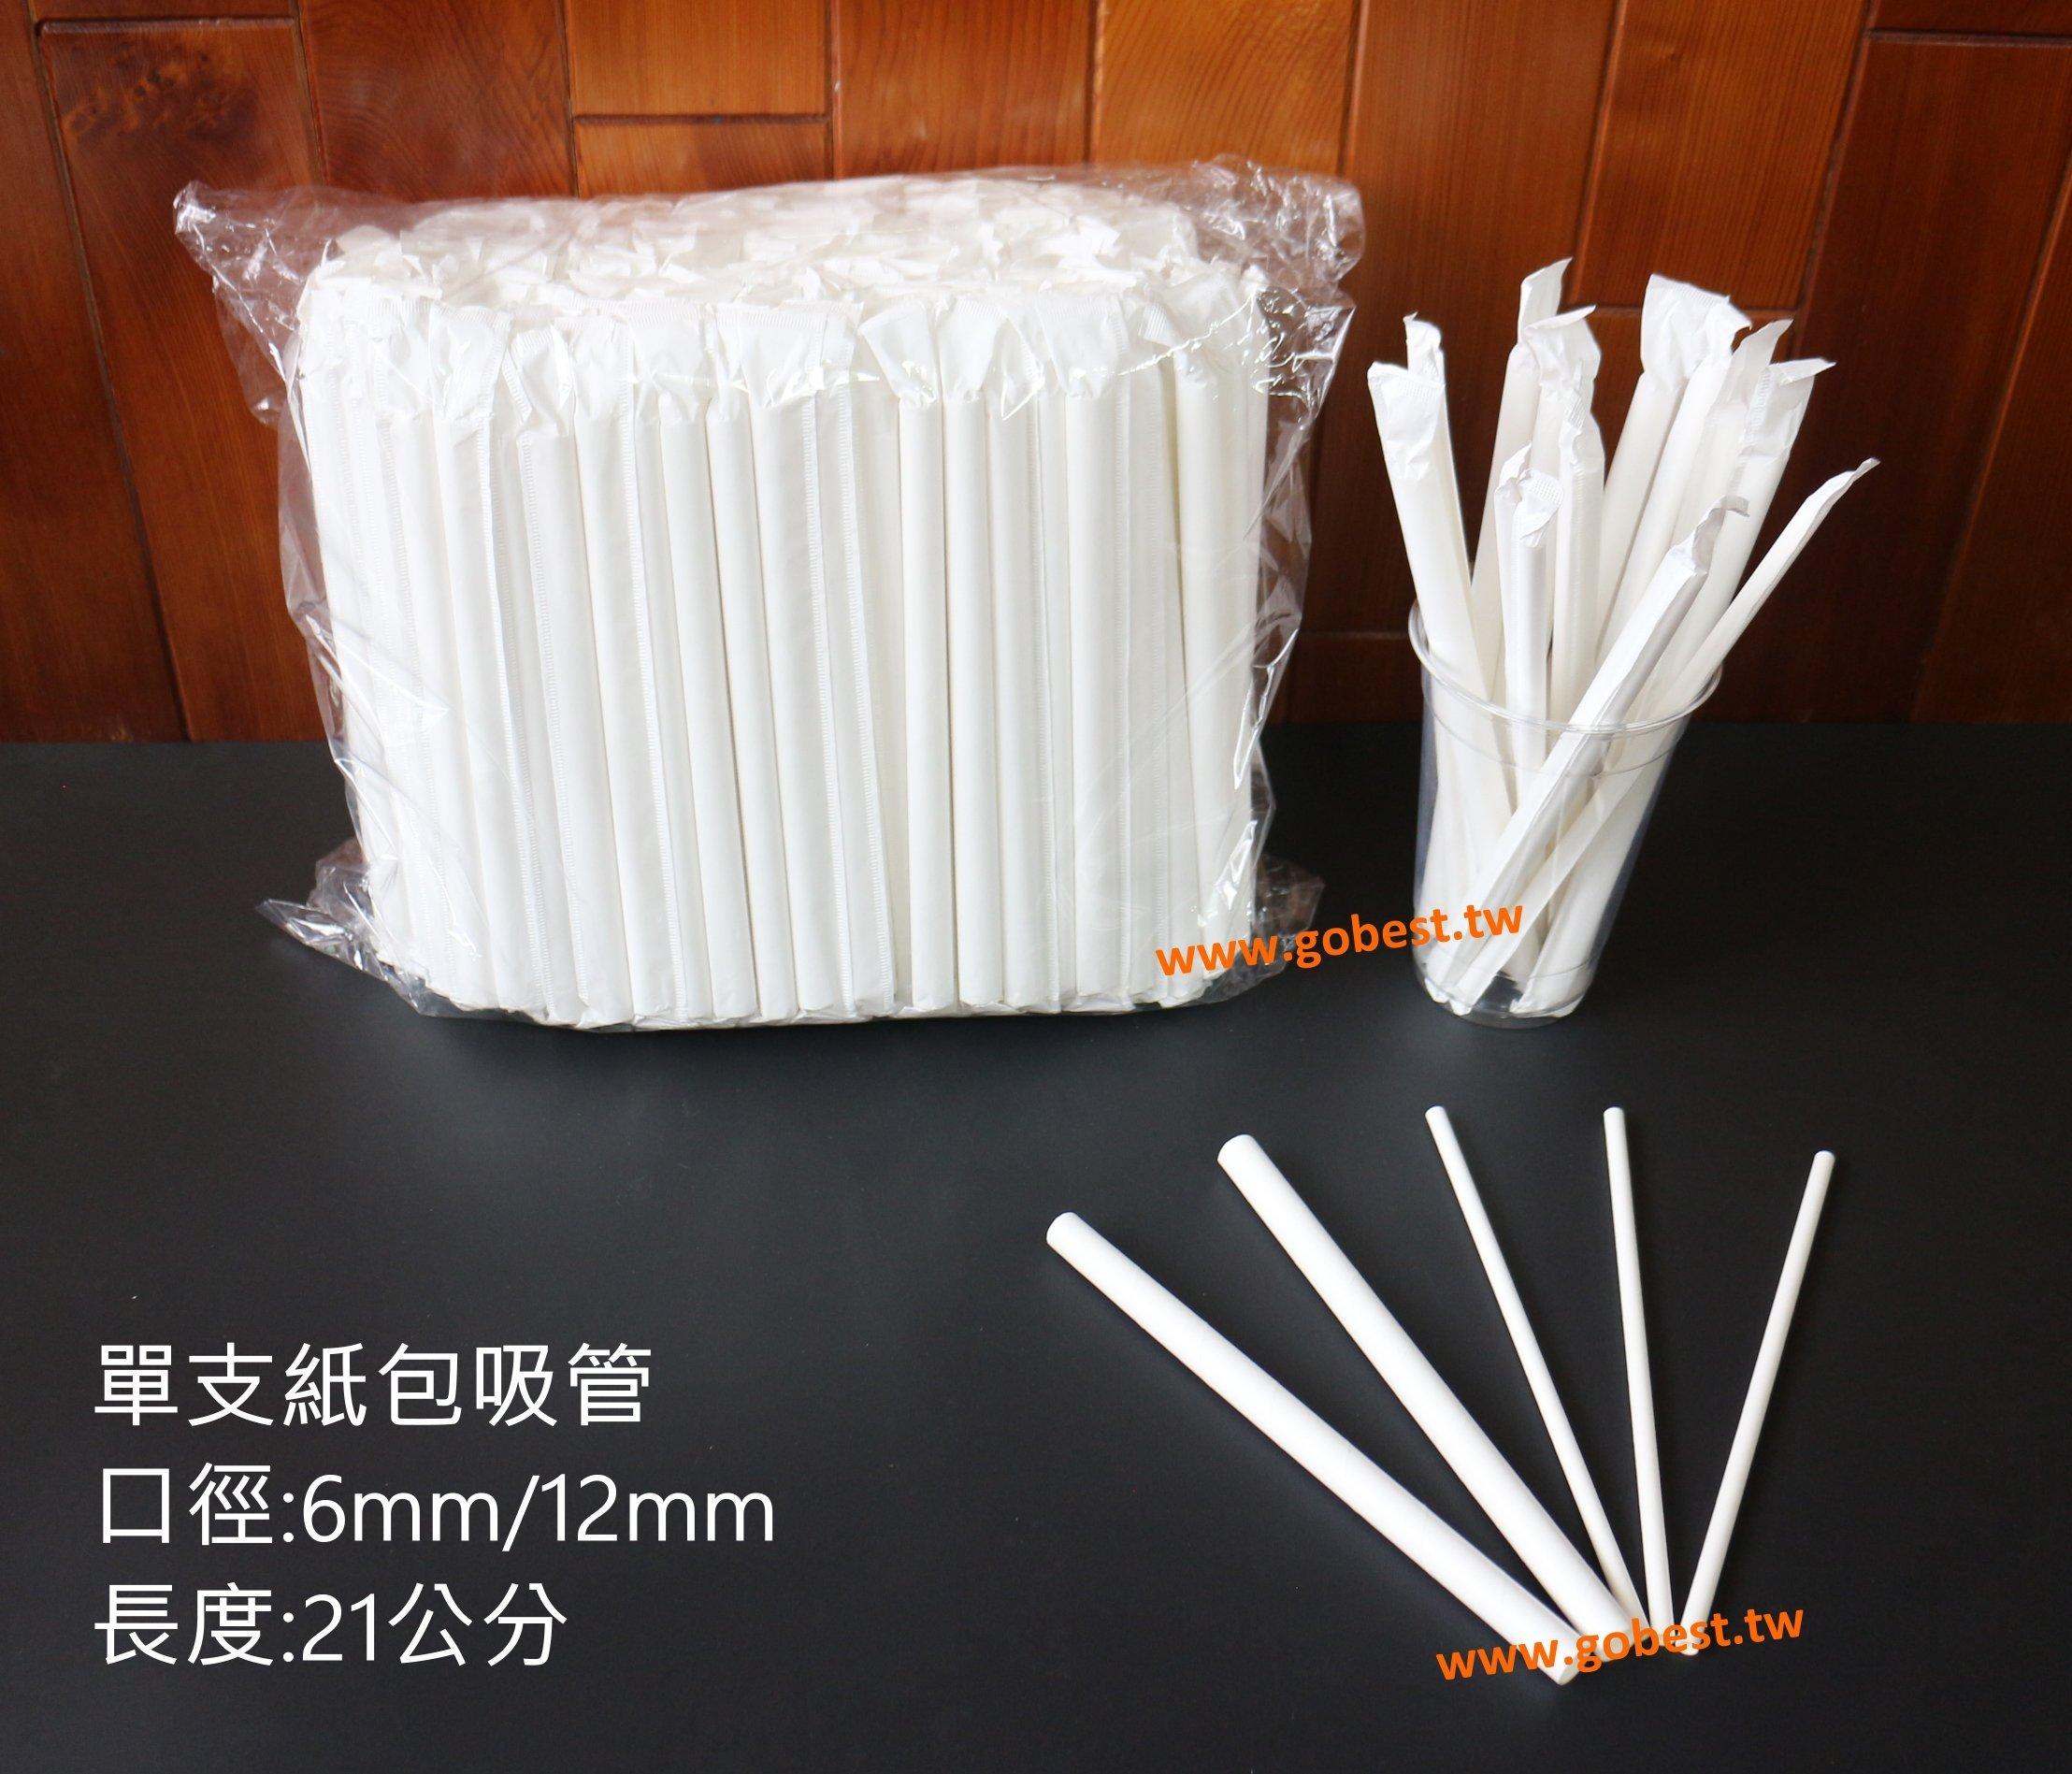 單包裝8mm斜尖紙吸管(單價0.8) 全白 冰沙吸管、環保吸管、 吸管(200支入)